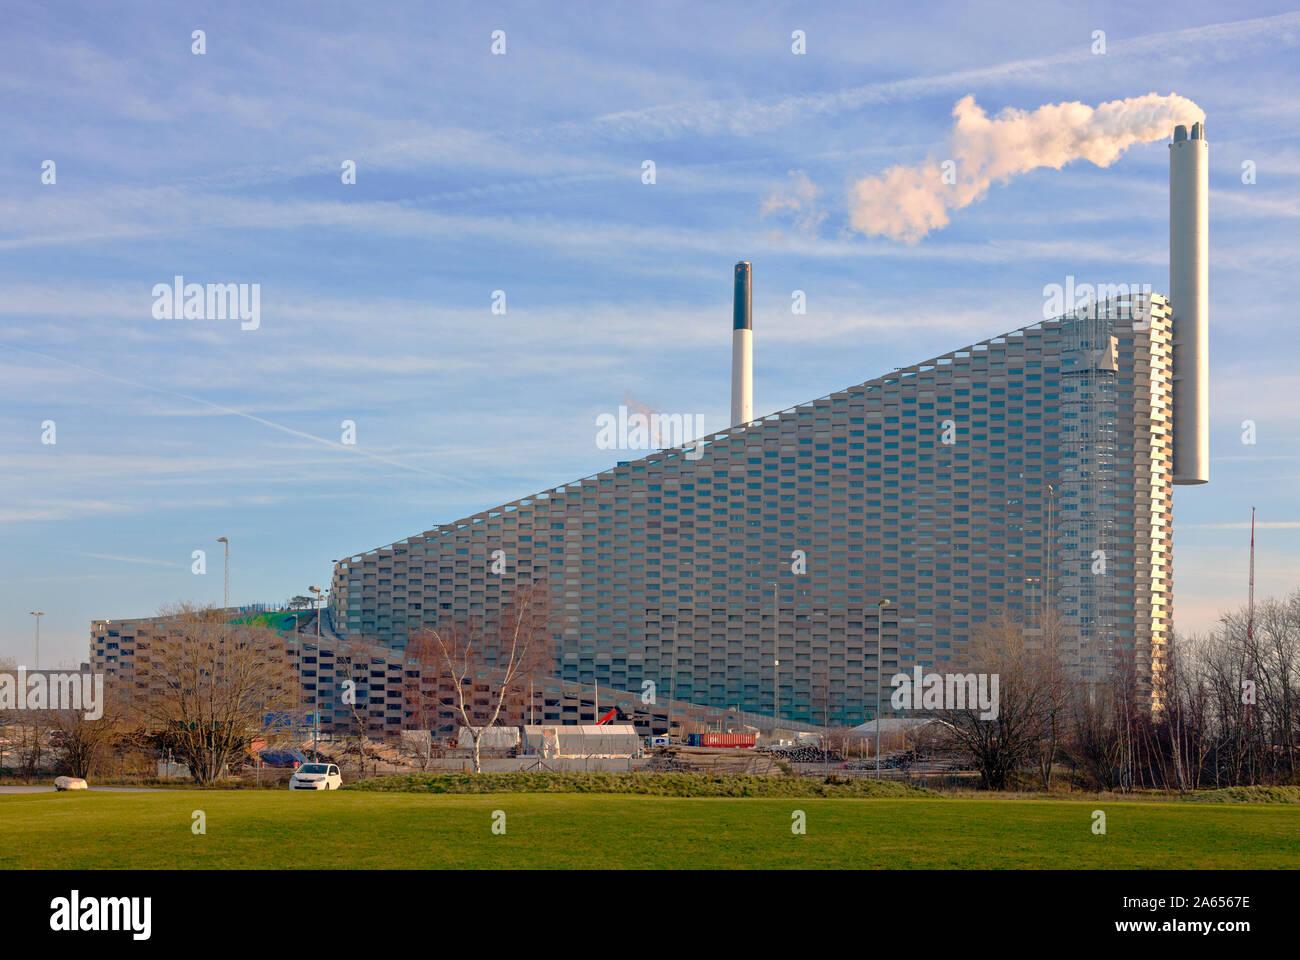 Amager ski slope, the Copenhill ski slope, hiking area, on the waste-to-energy plant Amager Ressource Center, Copenhagen. Architect Bjarke Ingels BIG. Stock Photo